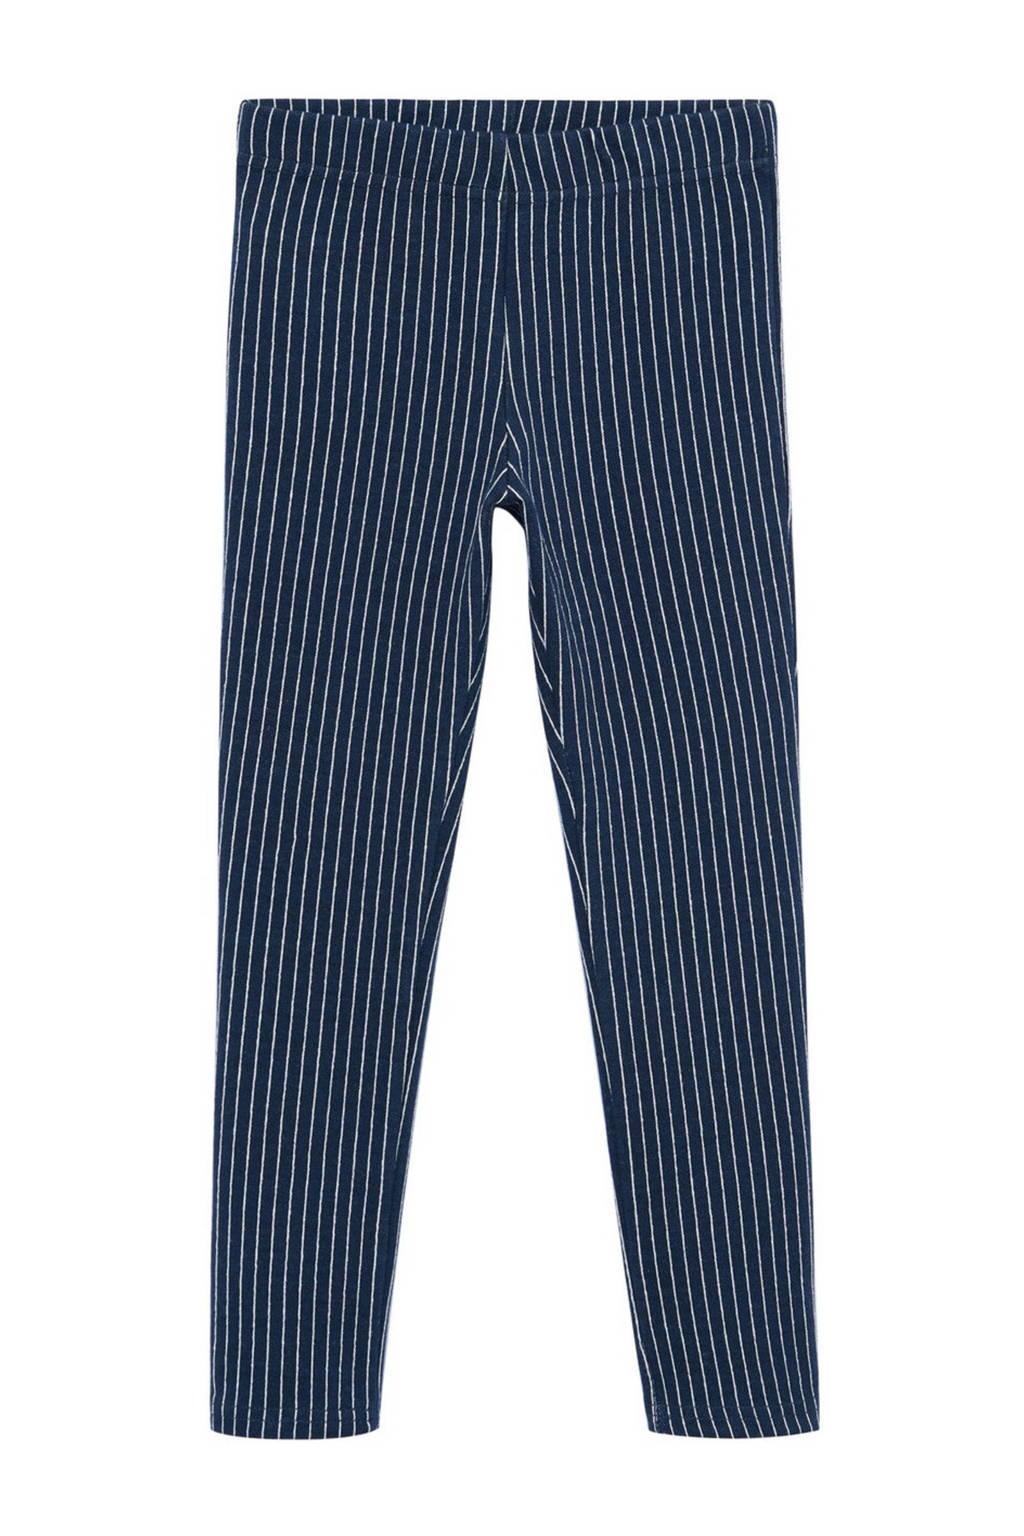 Mango Kids gestreepte legging met biologisch katoen donkerblauw/wit, Donkerblauw/wit